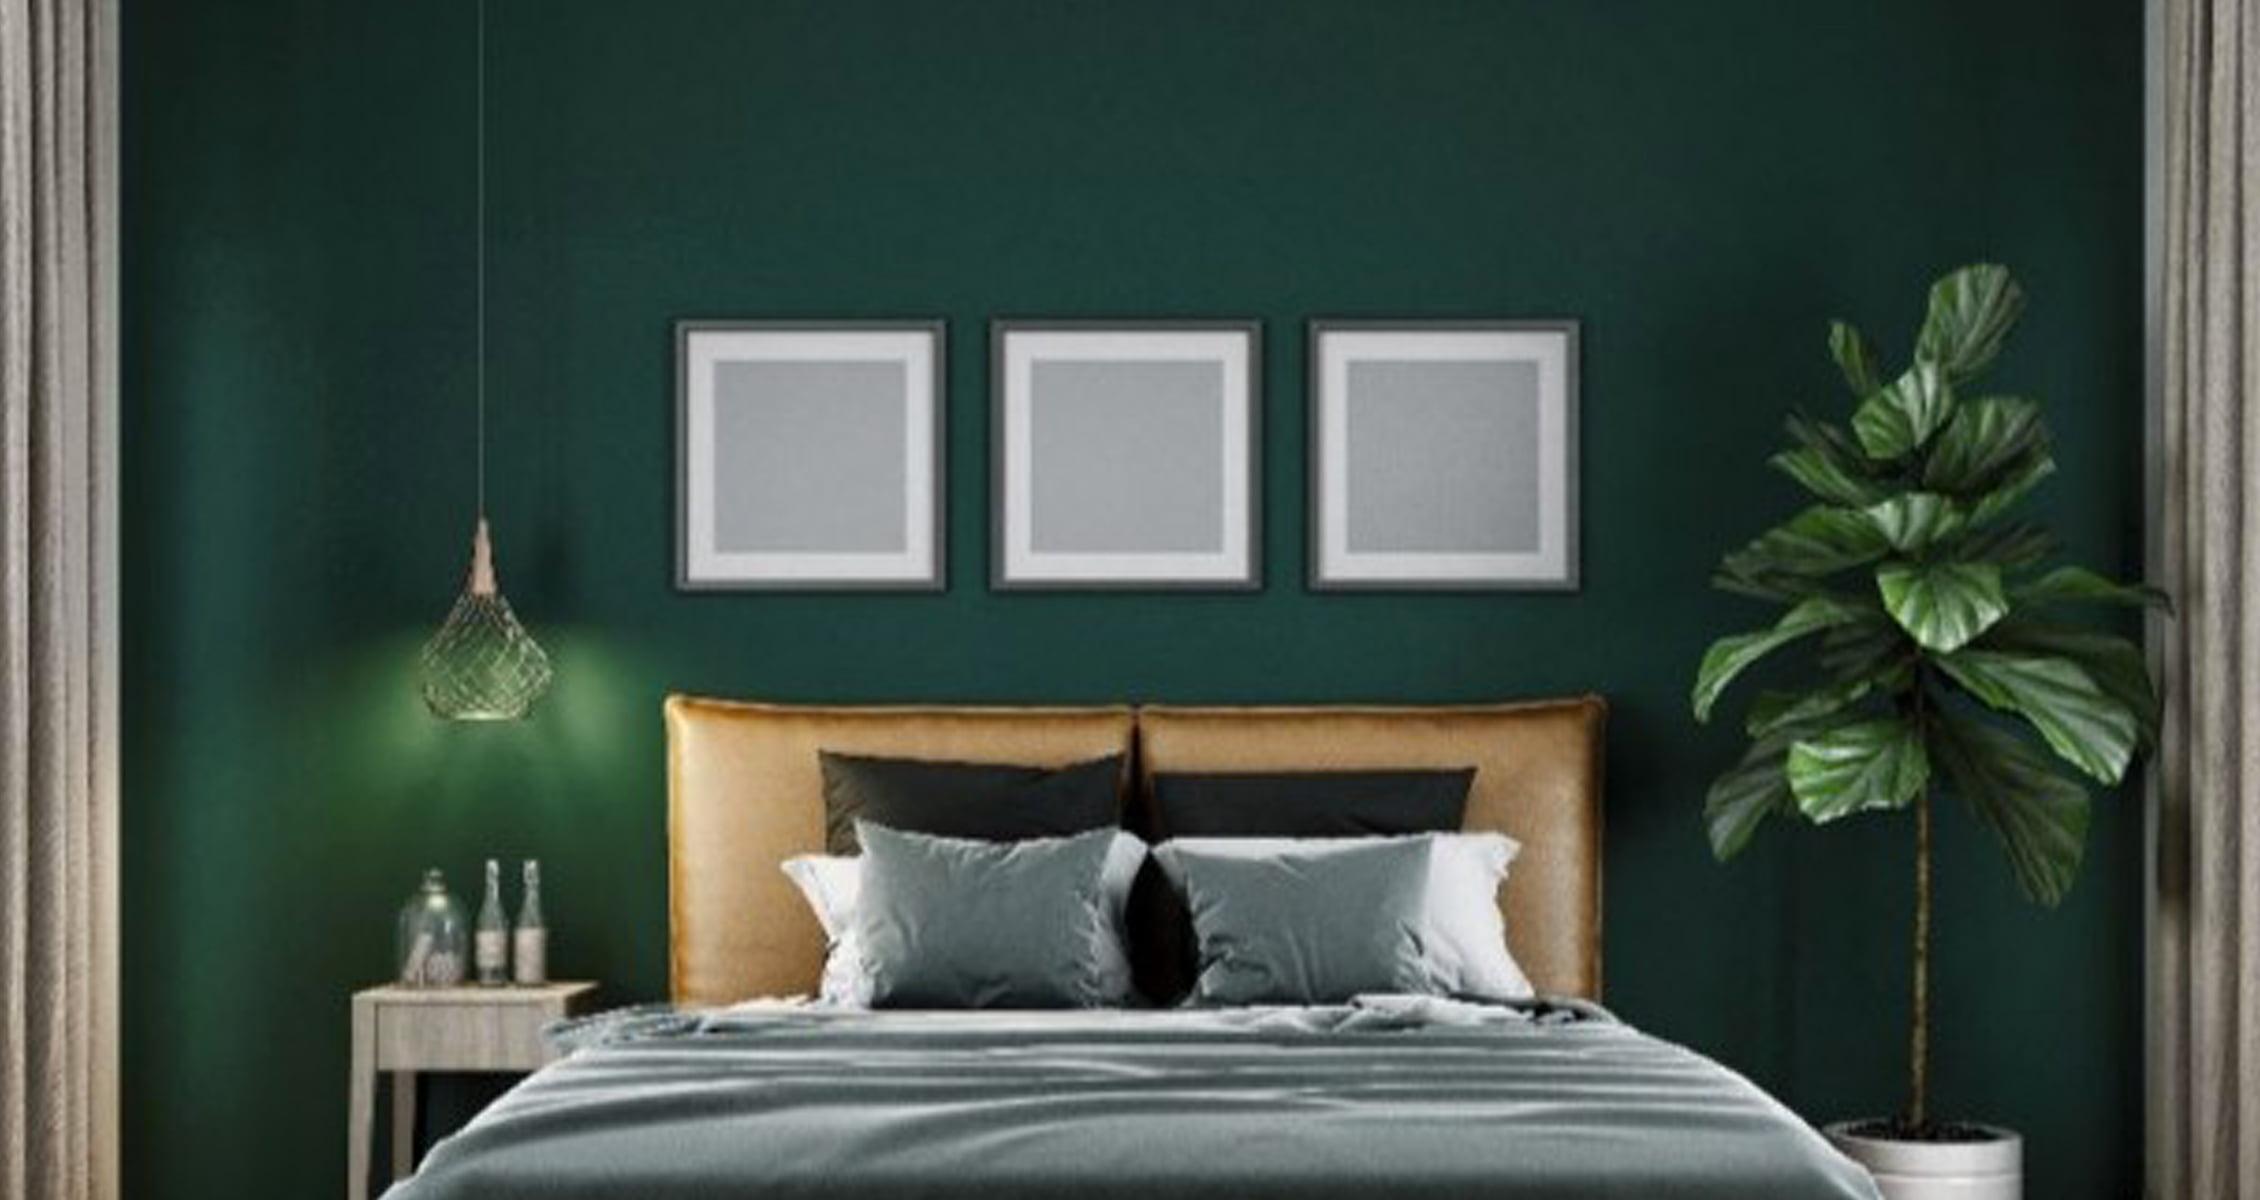 Mobilya ve Duvarların Renkleri Nasıl Eşleştirilir?